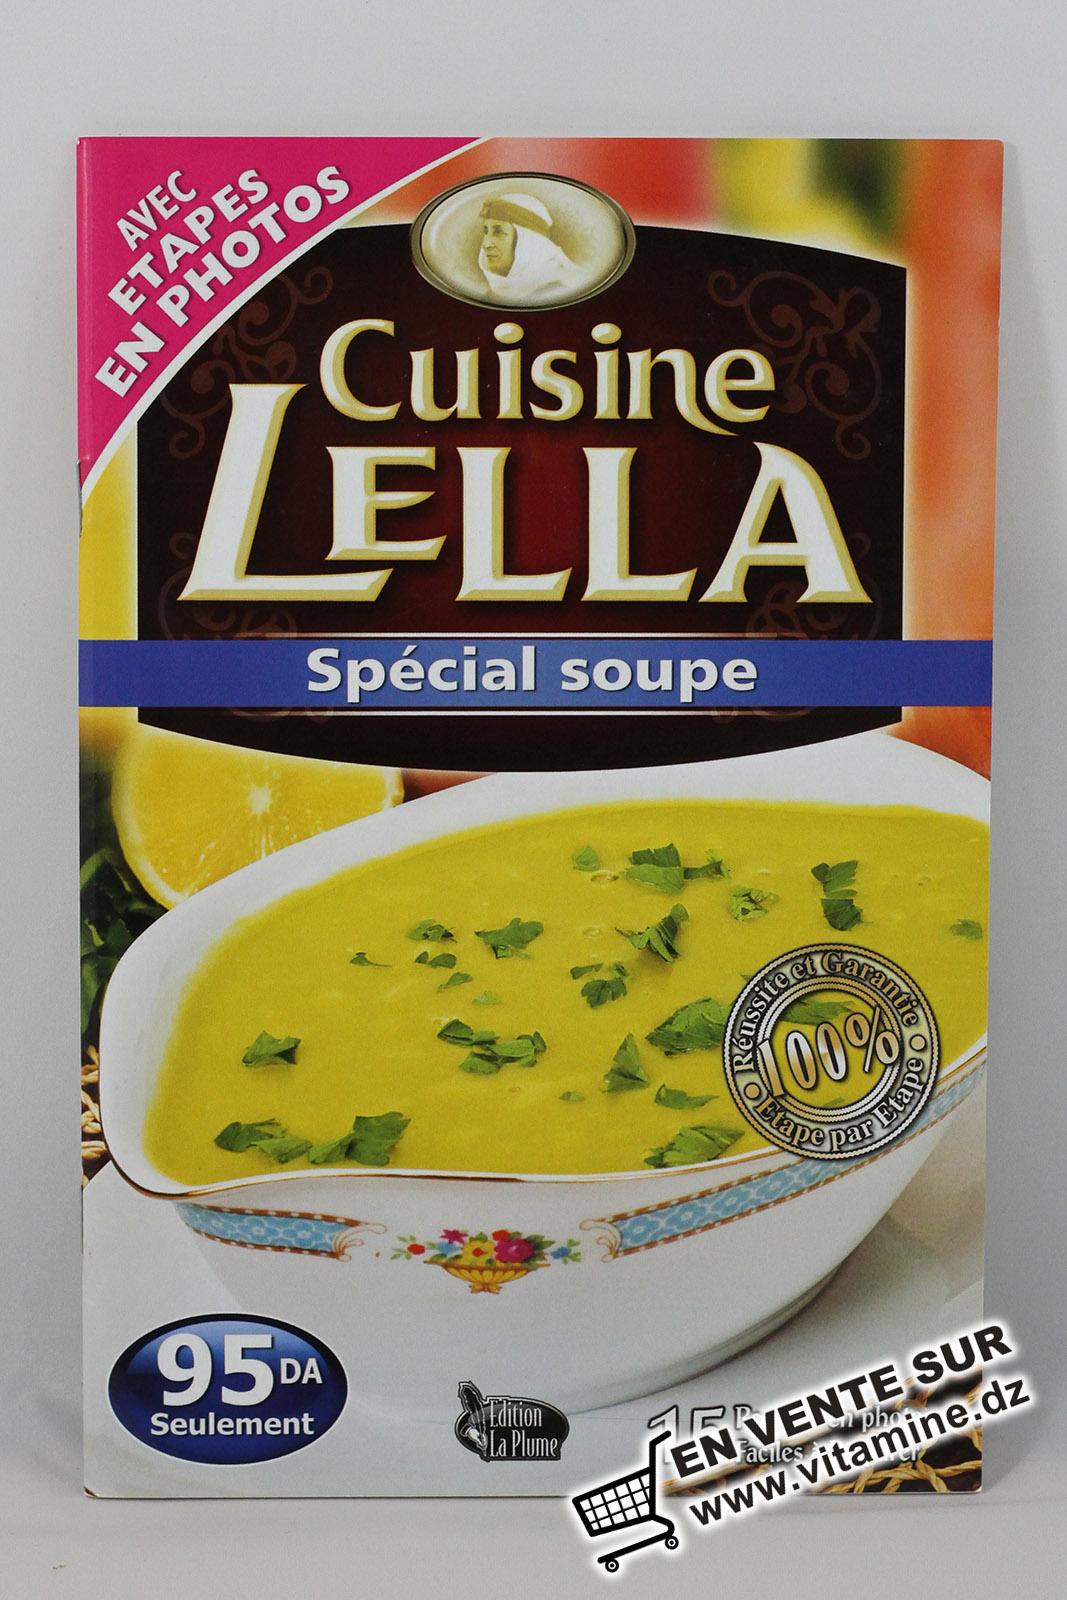 Cuisine Lella - Spécial soupe